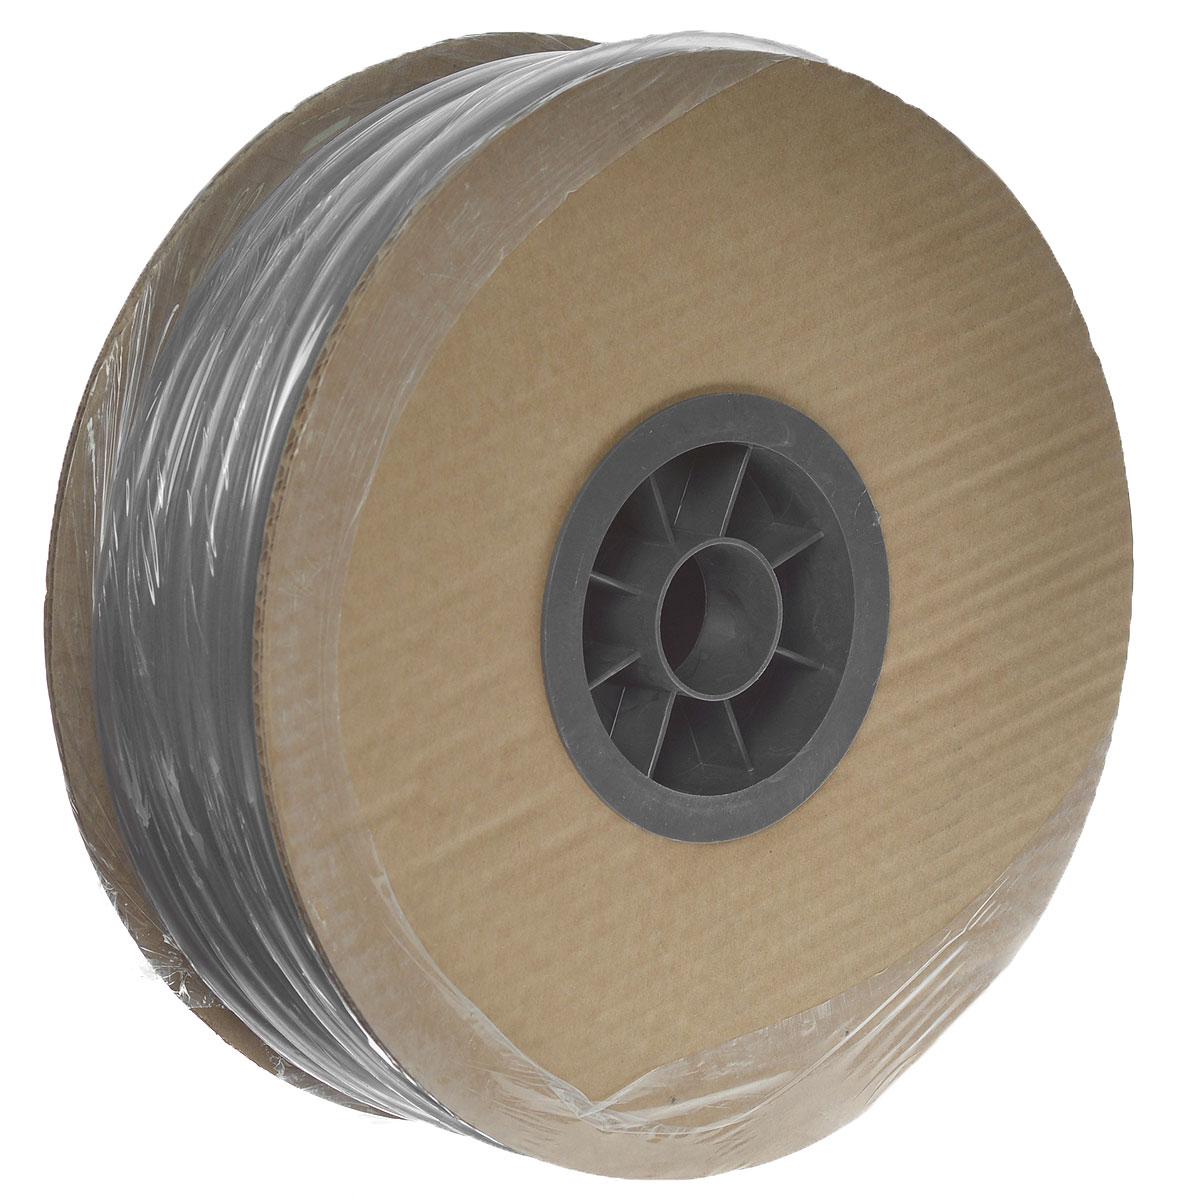 Шланг Кристалл однослойный неармированный 12X16 M.35 (657)ст450-2нсОднослойный неармированный шланг пищевого качества Fitt Cristallo Extra изготовлен из прозрачного ПВХ. Шланг предназначен для транспортировки жидкостей без напора в диапазоне температур от -20°С до +60°С. Можно применять для питьевой воды. Для использования без давления. Внешний диаметр шланга: 16 мм. Внутренний диаметр шланга: 12 мм.